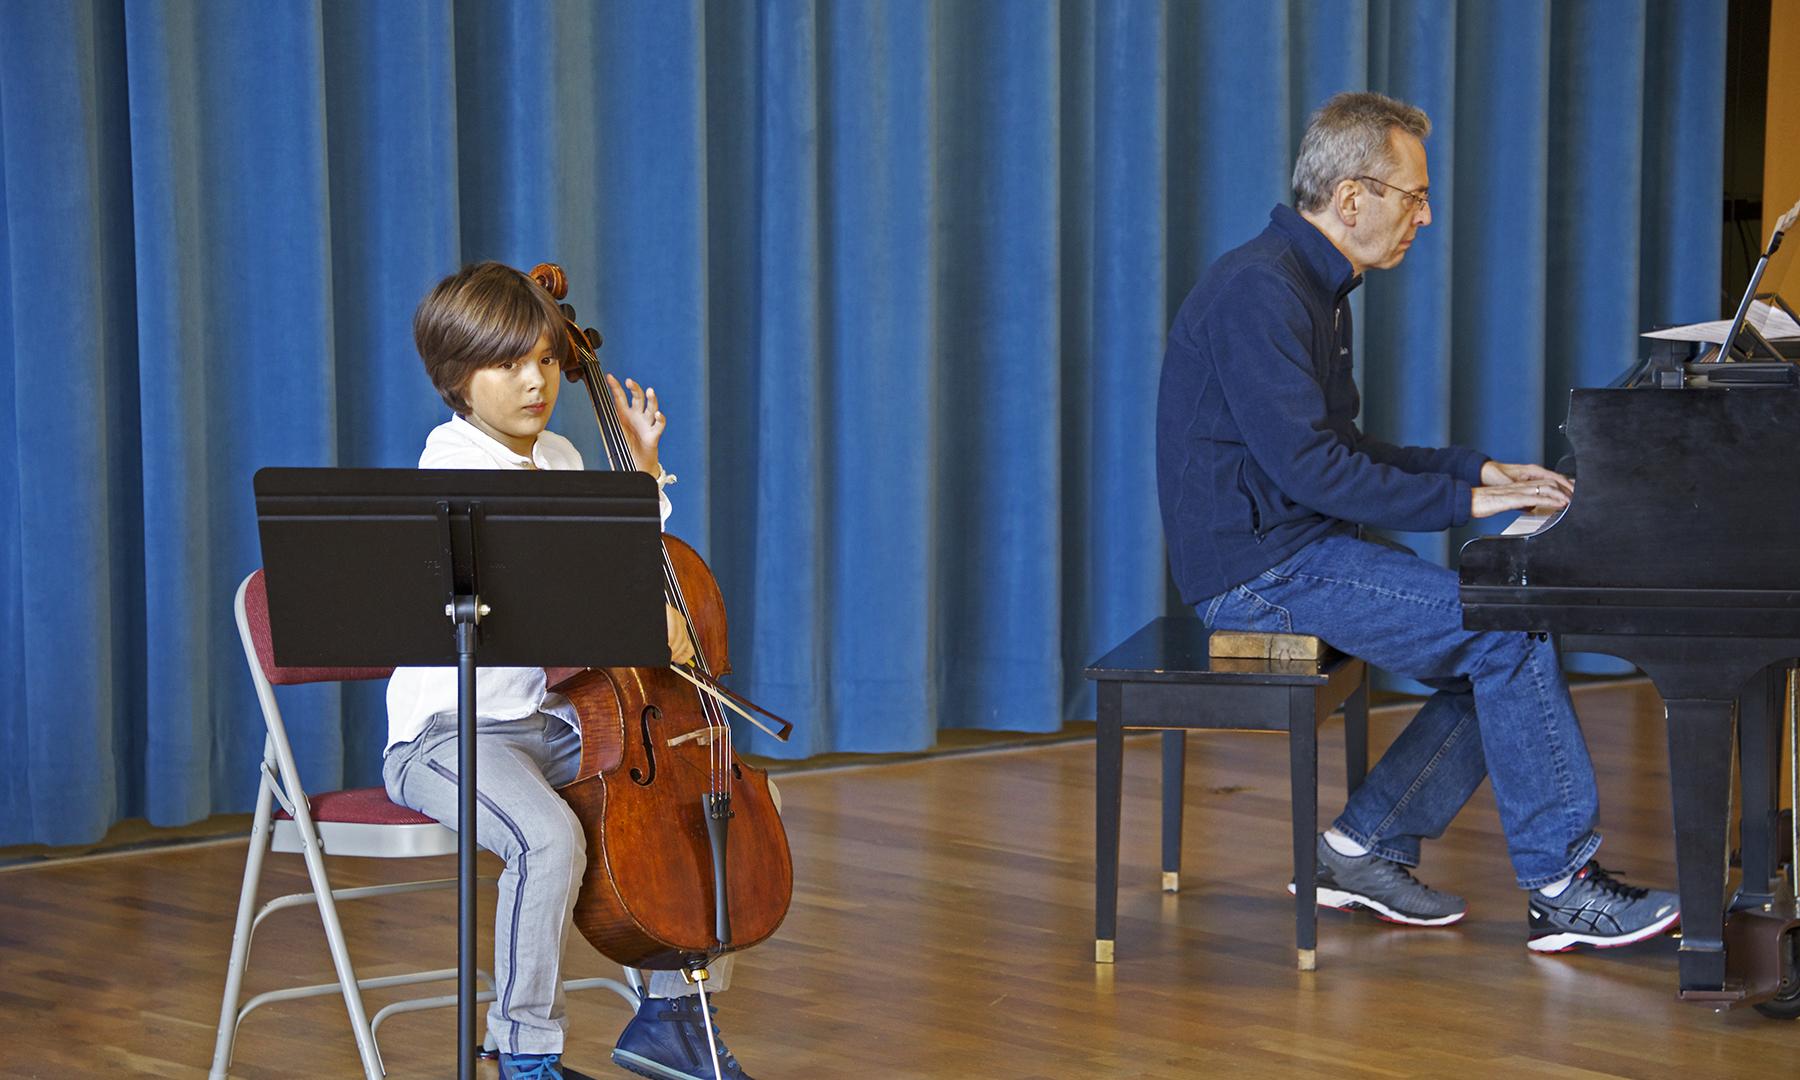 JU recital - 002.jpg